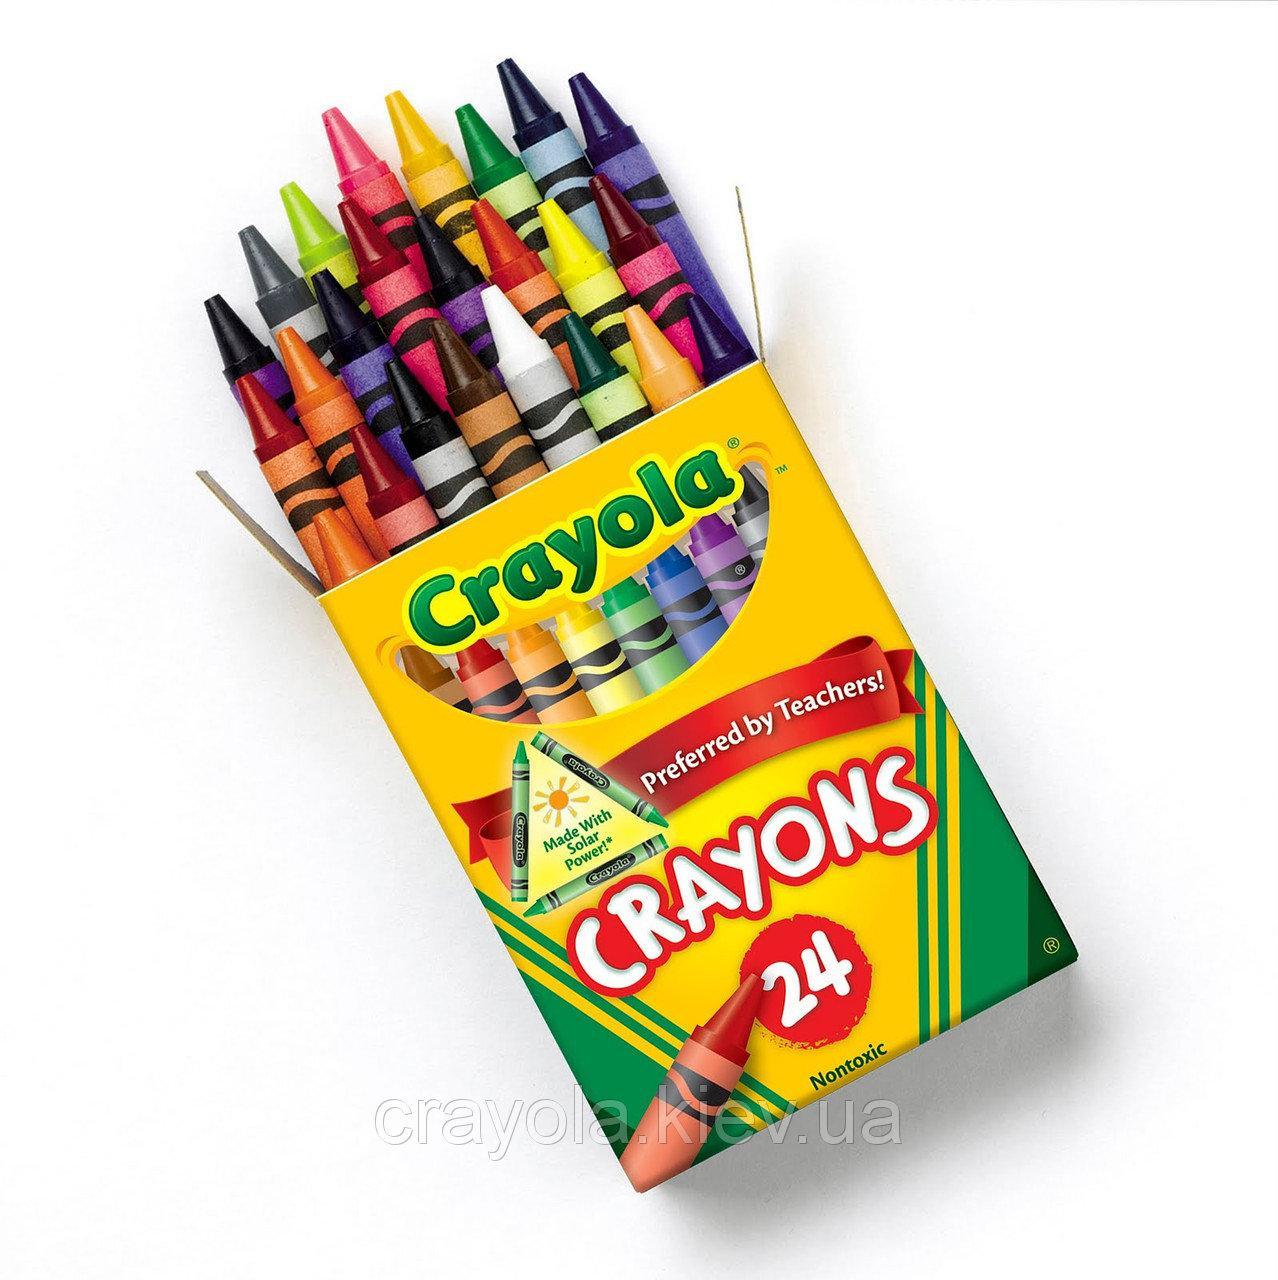 Восковые мелки Crayola 24 шт Оригинал (США)